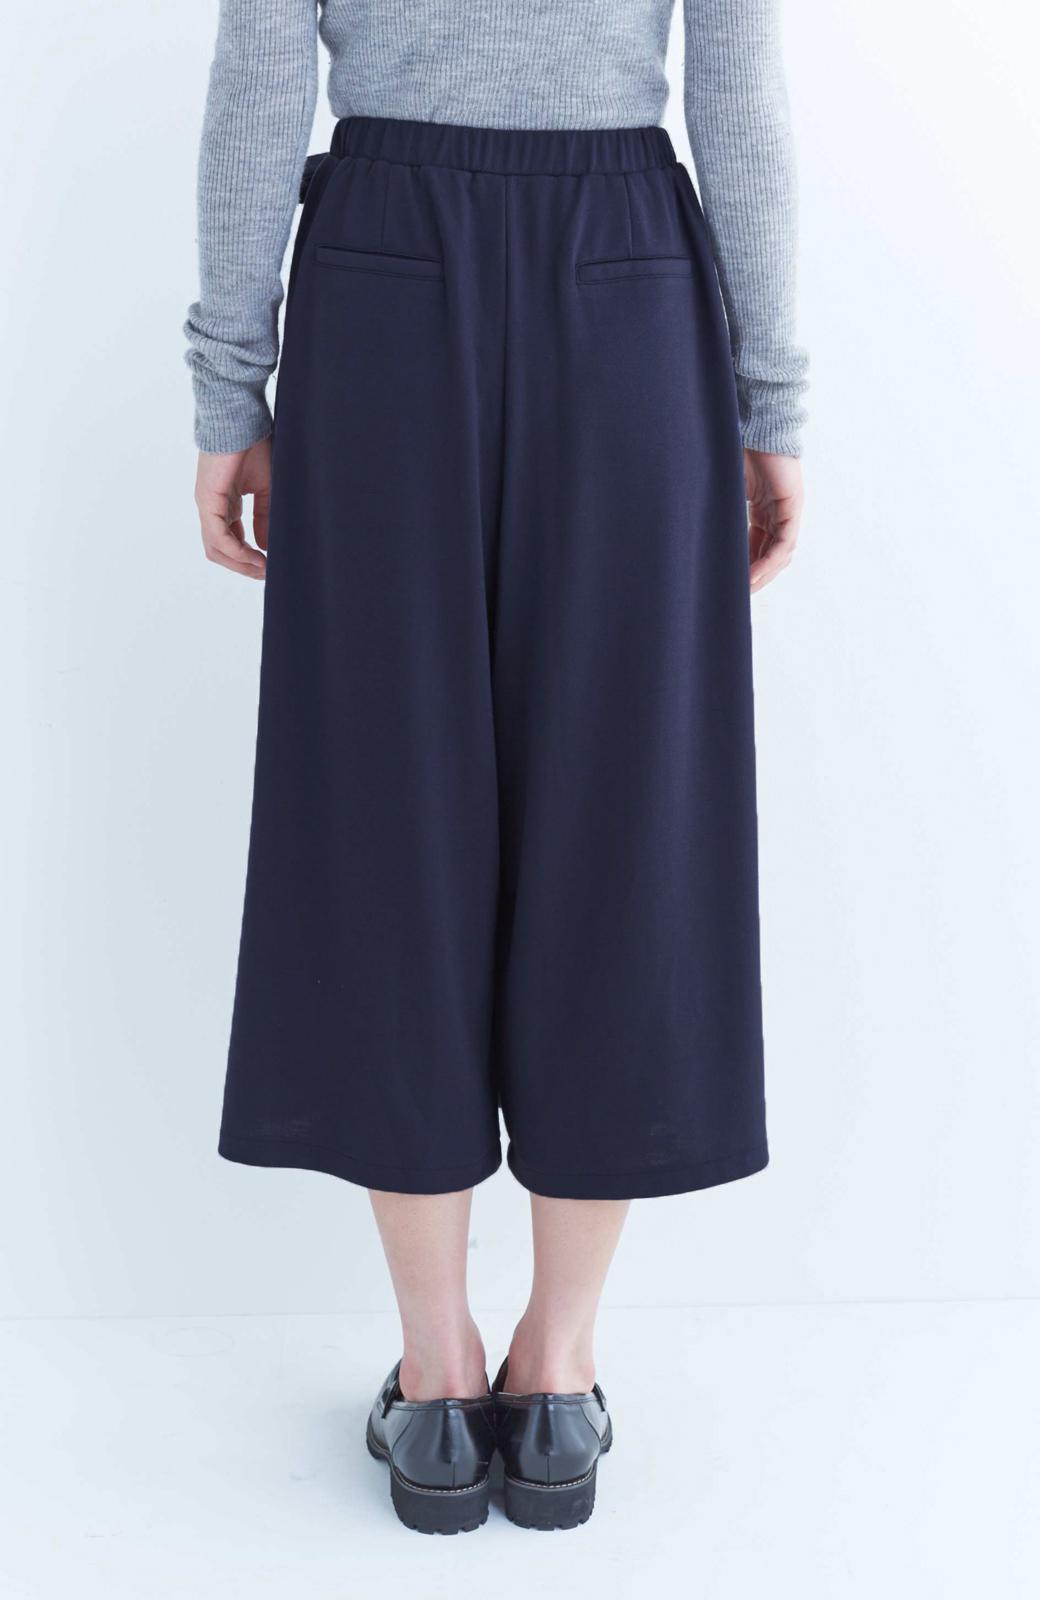 haco! スカート派さんもお気に入り ウエストリボンのスカートパンツ <ダークネイビー>の商品写真4